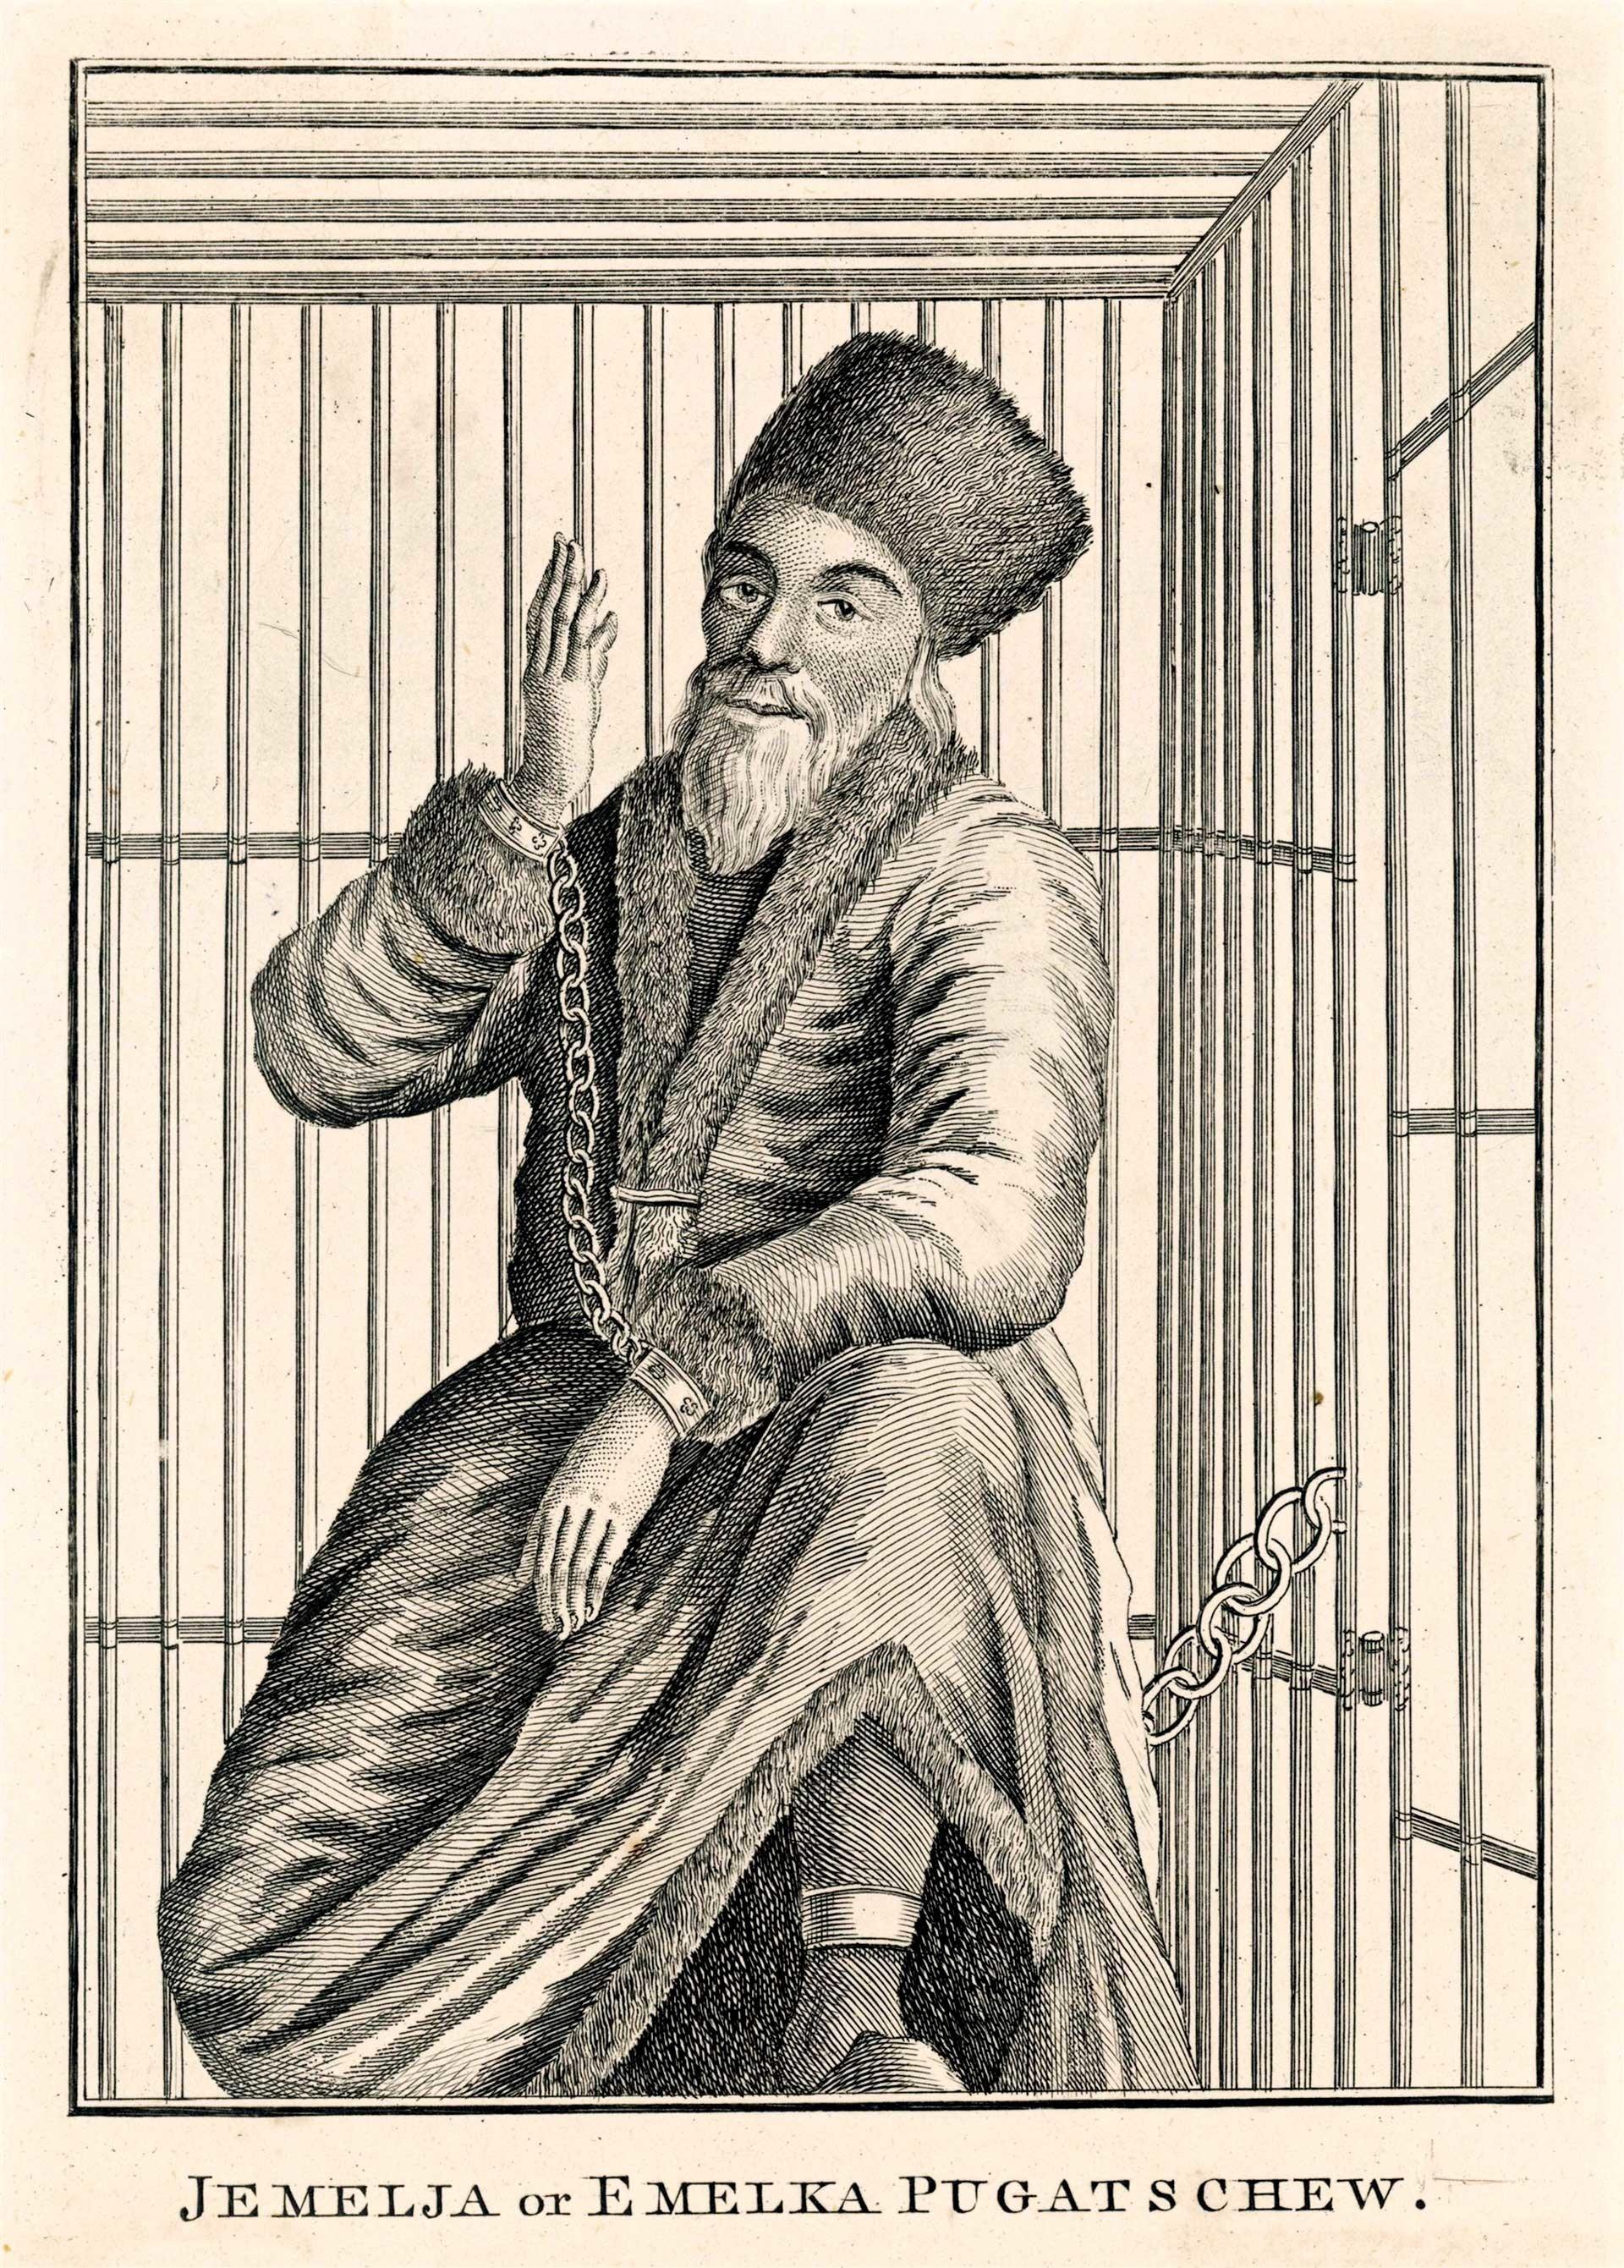 Пугачов је довезен у Москву у дрвеном кавезу. Гравира непознатог уметника.